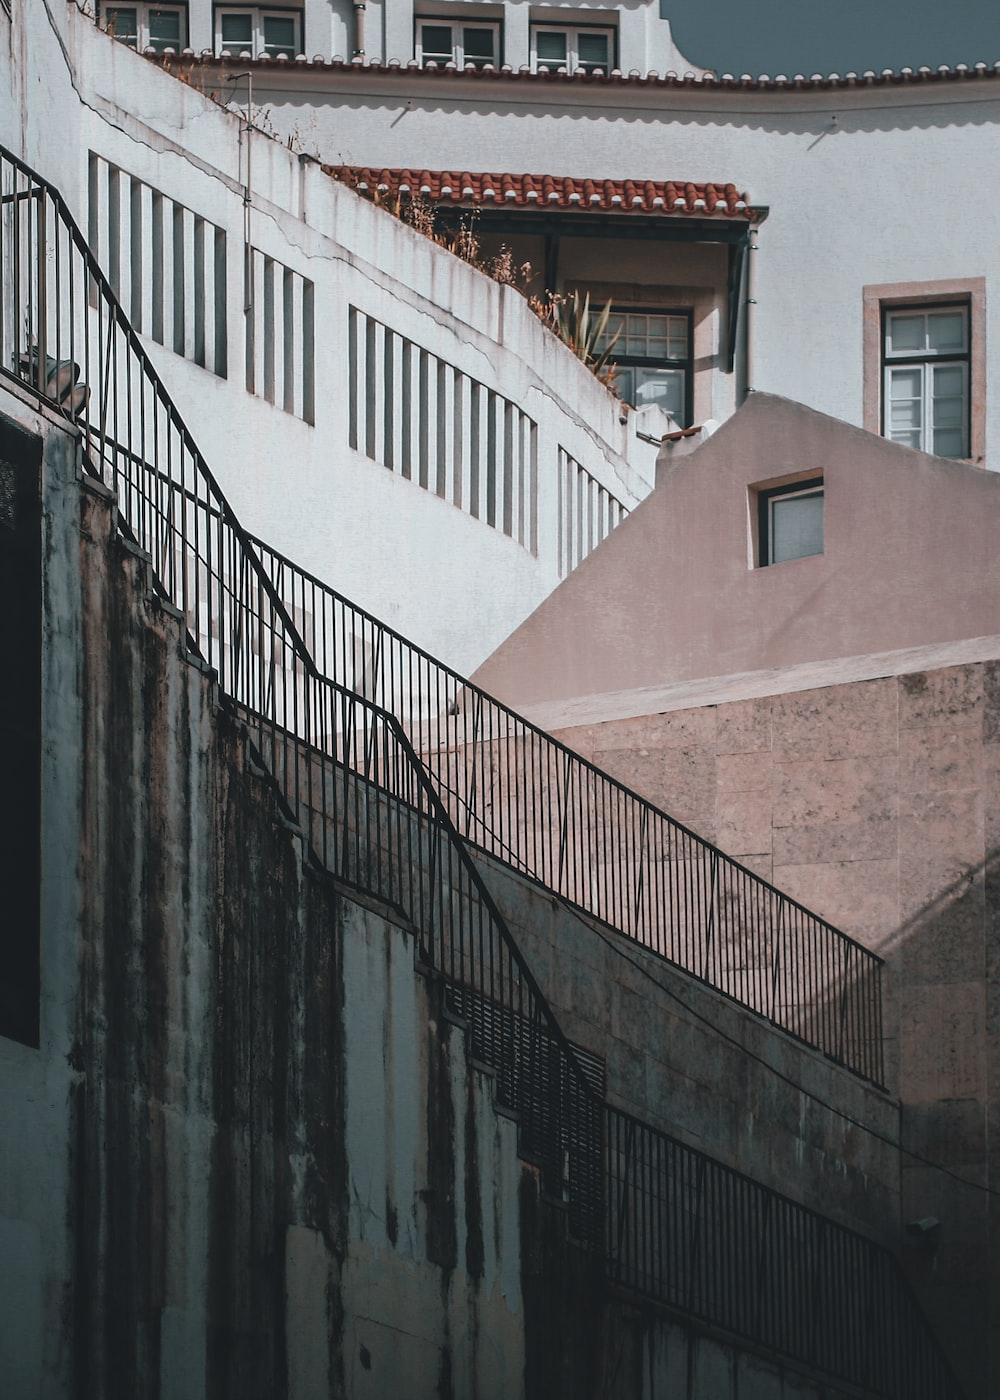 black metal railings beside white painted building